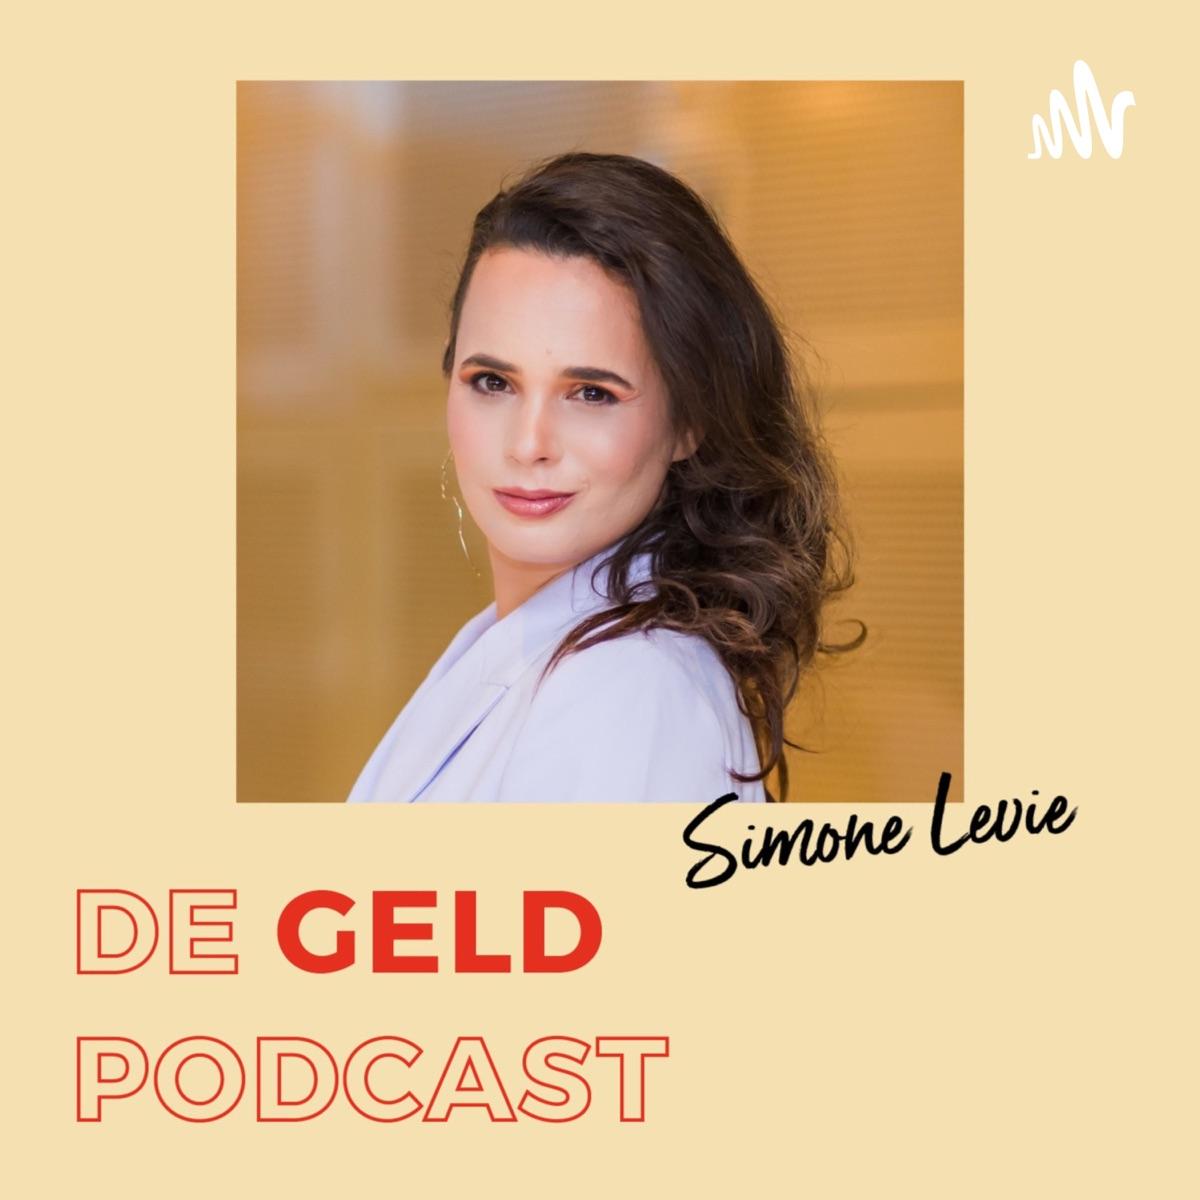 De Geld Podcast